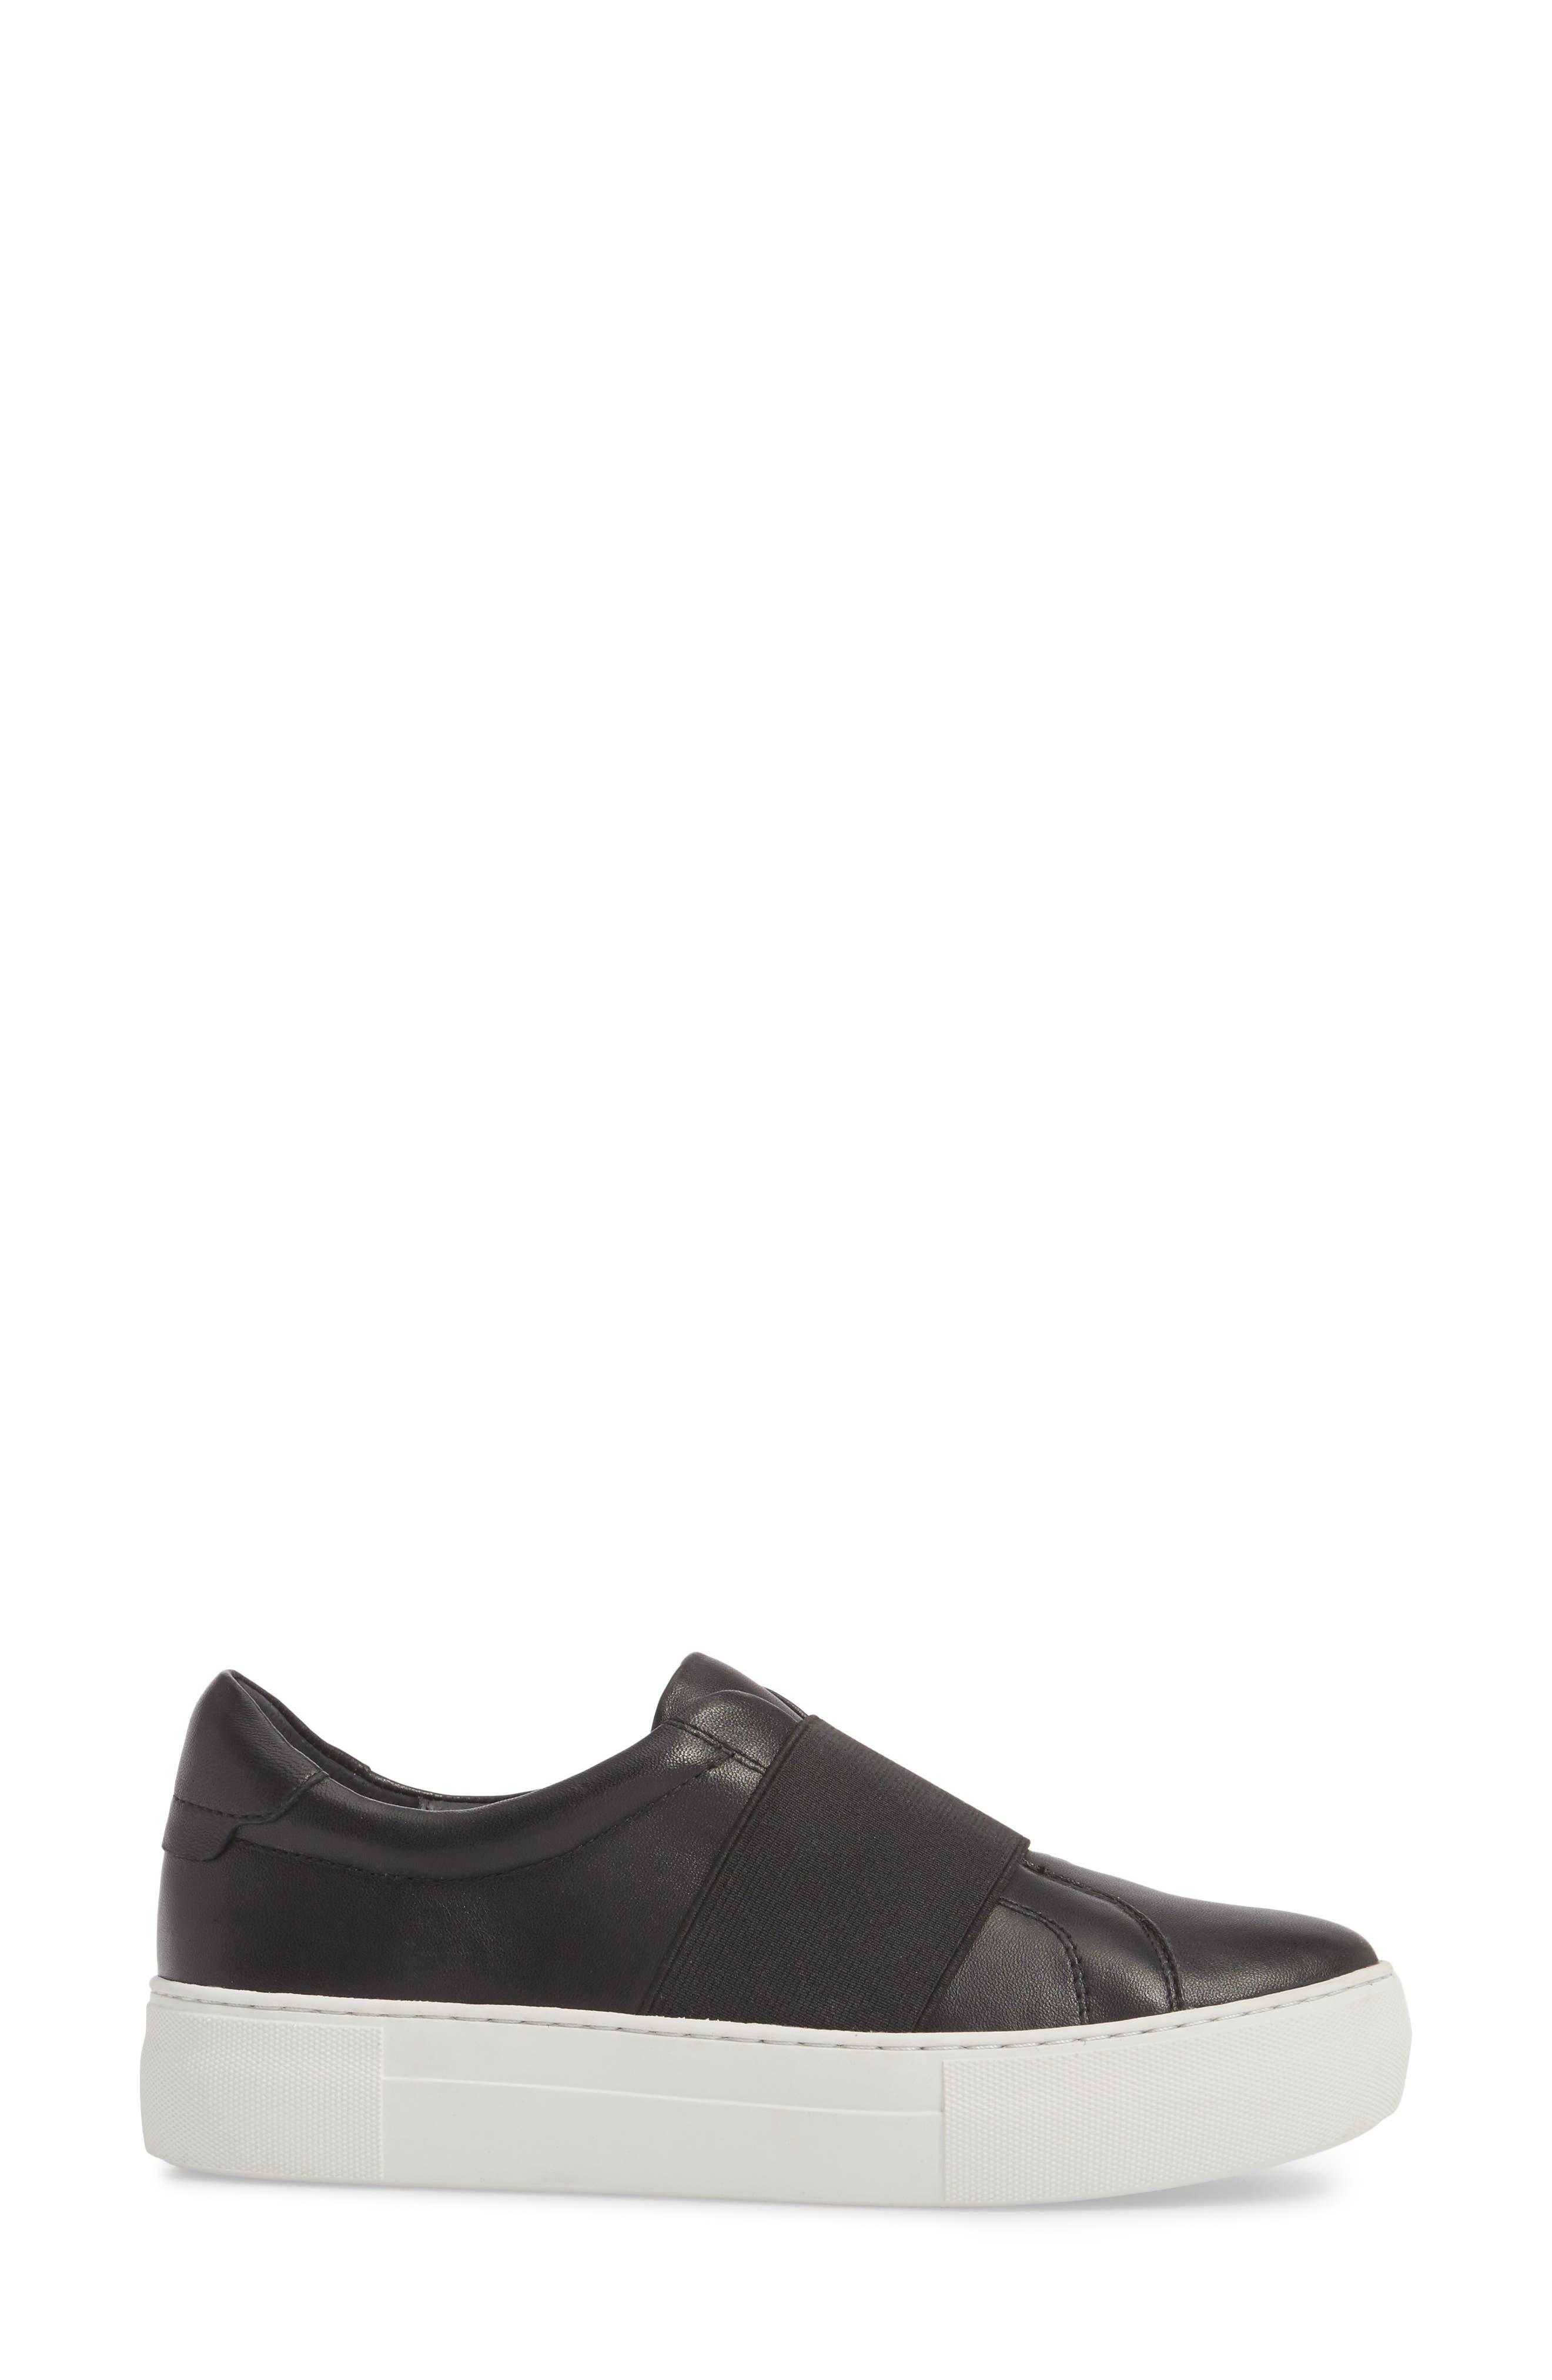 Adorn Slip-On Sneaker,                             Alternate thumbnail 3, color,                             Black/ Black Leather